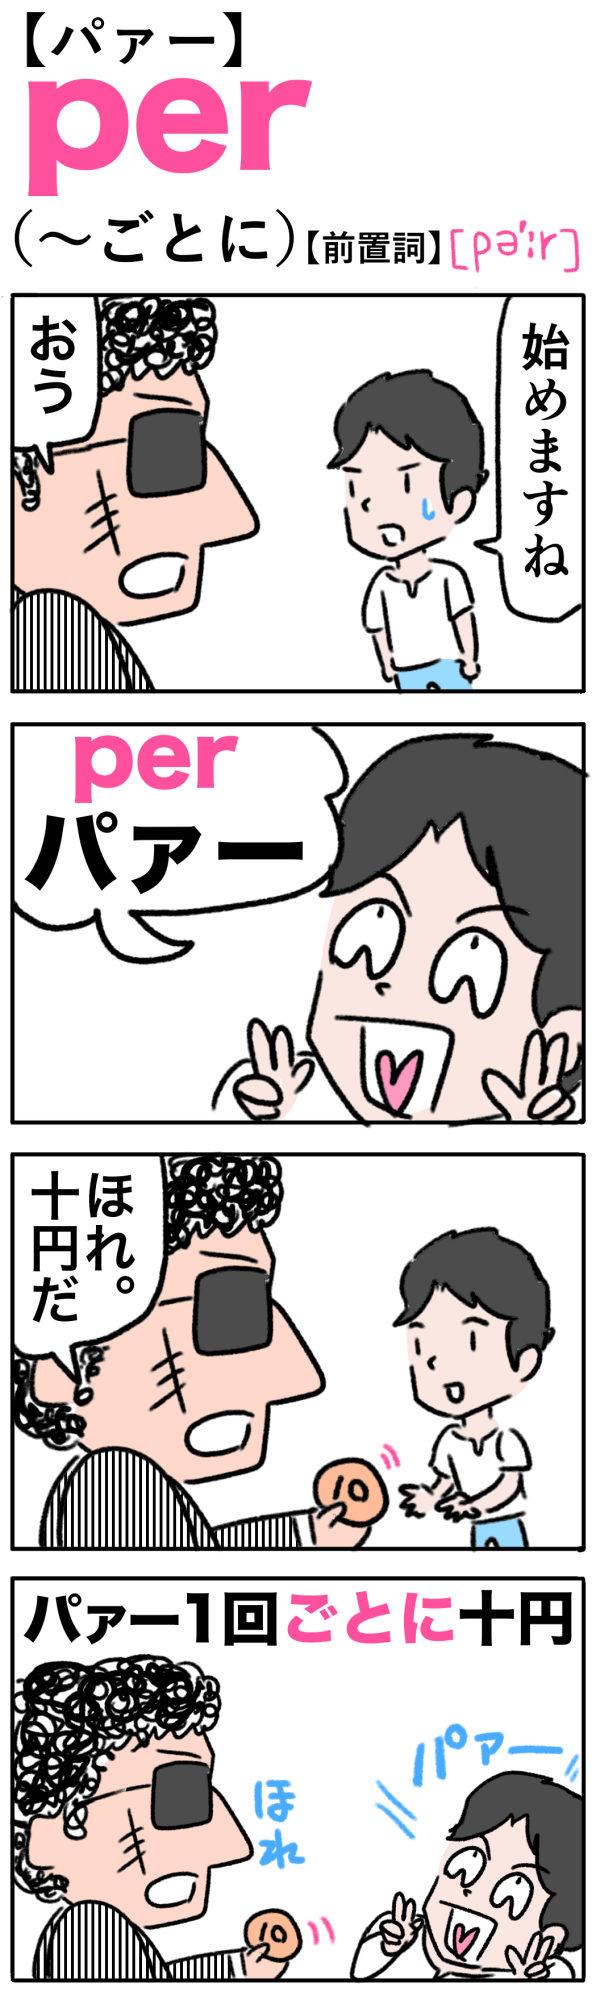 per(〜ごとに)の語呂合わせ英単語